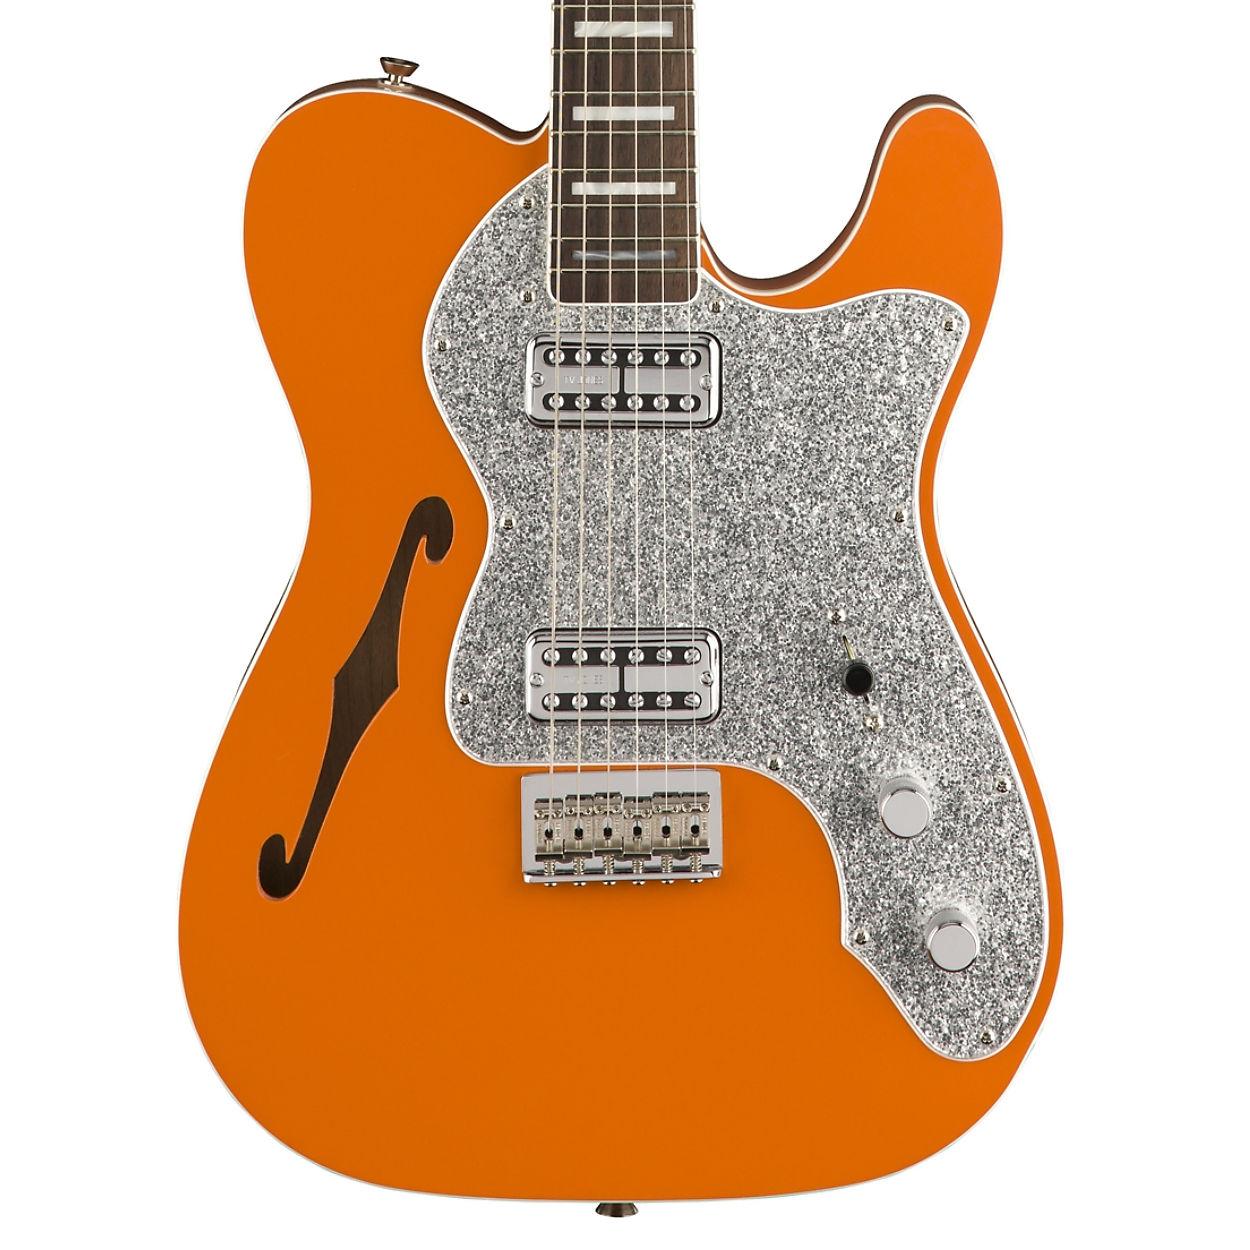 fender parallel universe telecaster thinline super deluxe orange pre order. Black Bedroom Furniture Sets. Home Design Ideas